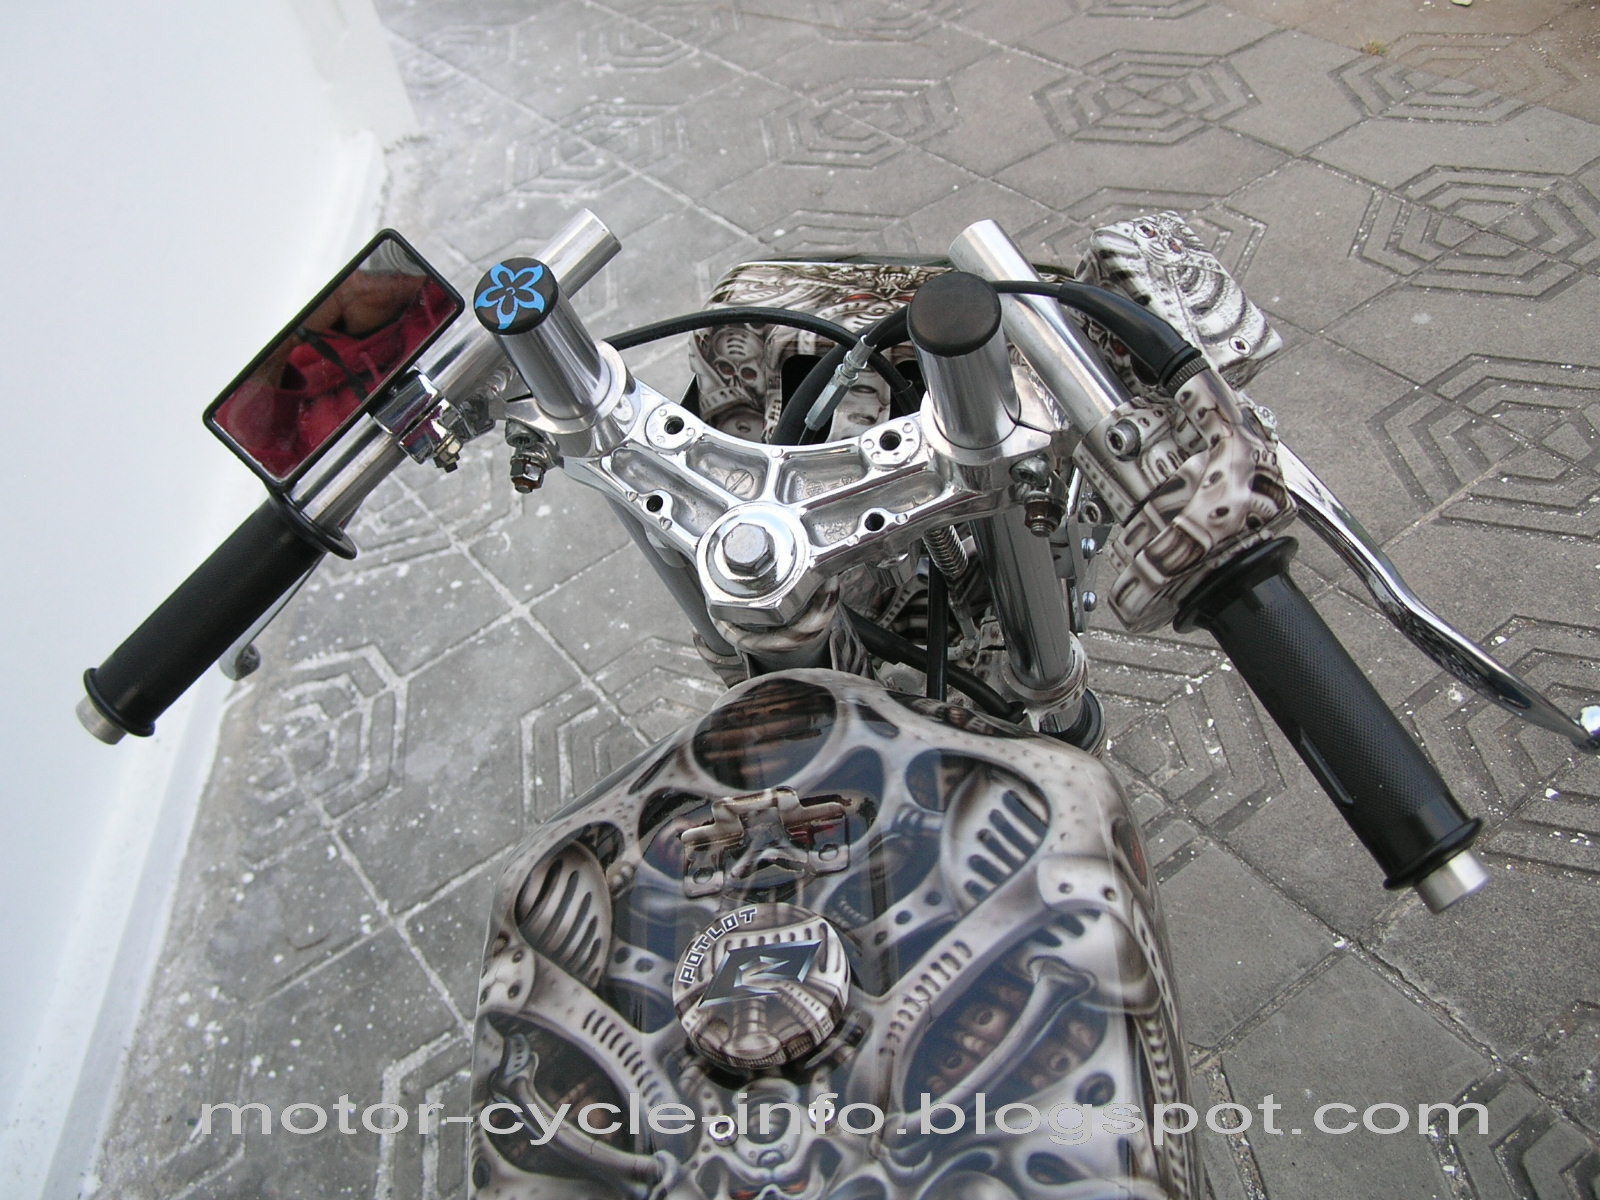 http://1.bp.blogspot.com/_mwzxyywxcGA/TFeuzYTCZTI/AAAAAAAAA1k/lzMLWzvsv3M/s1600/poto+rx+king+airbrush.jpg